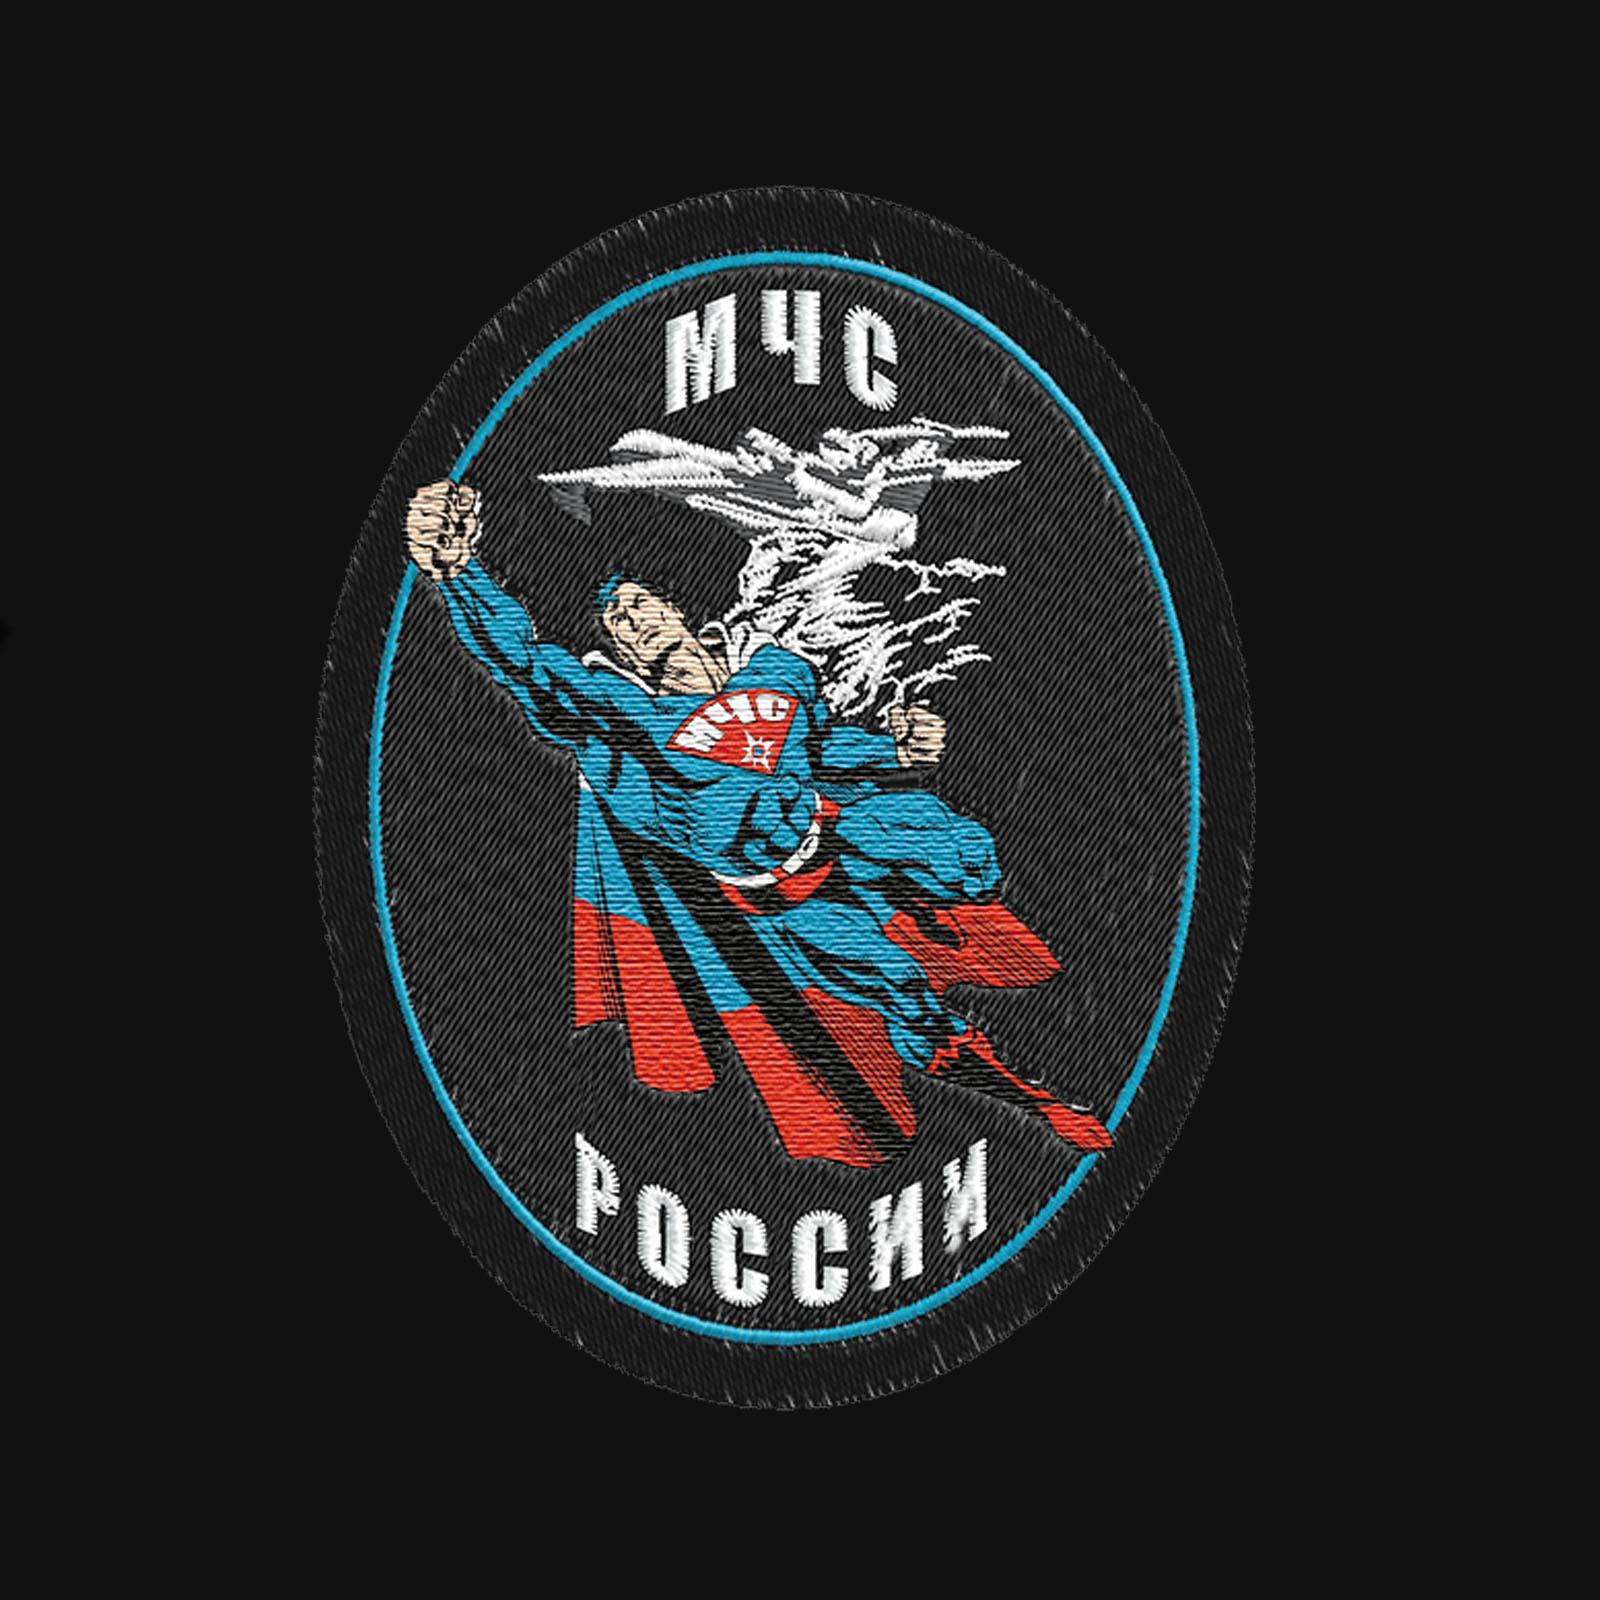 Мужская толстовка с шевроном МЧС России купить выгодно